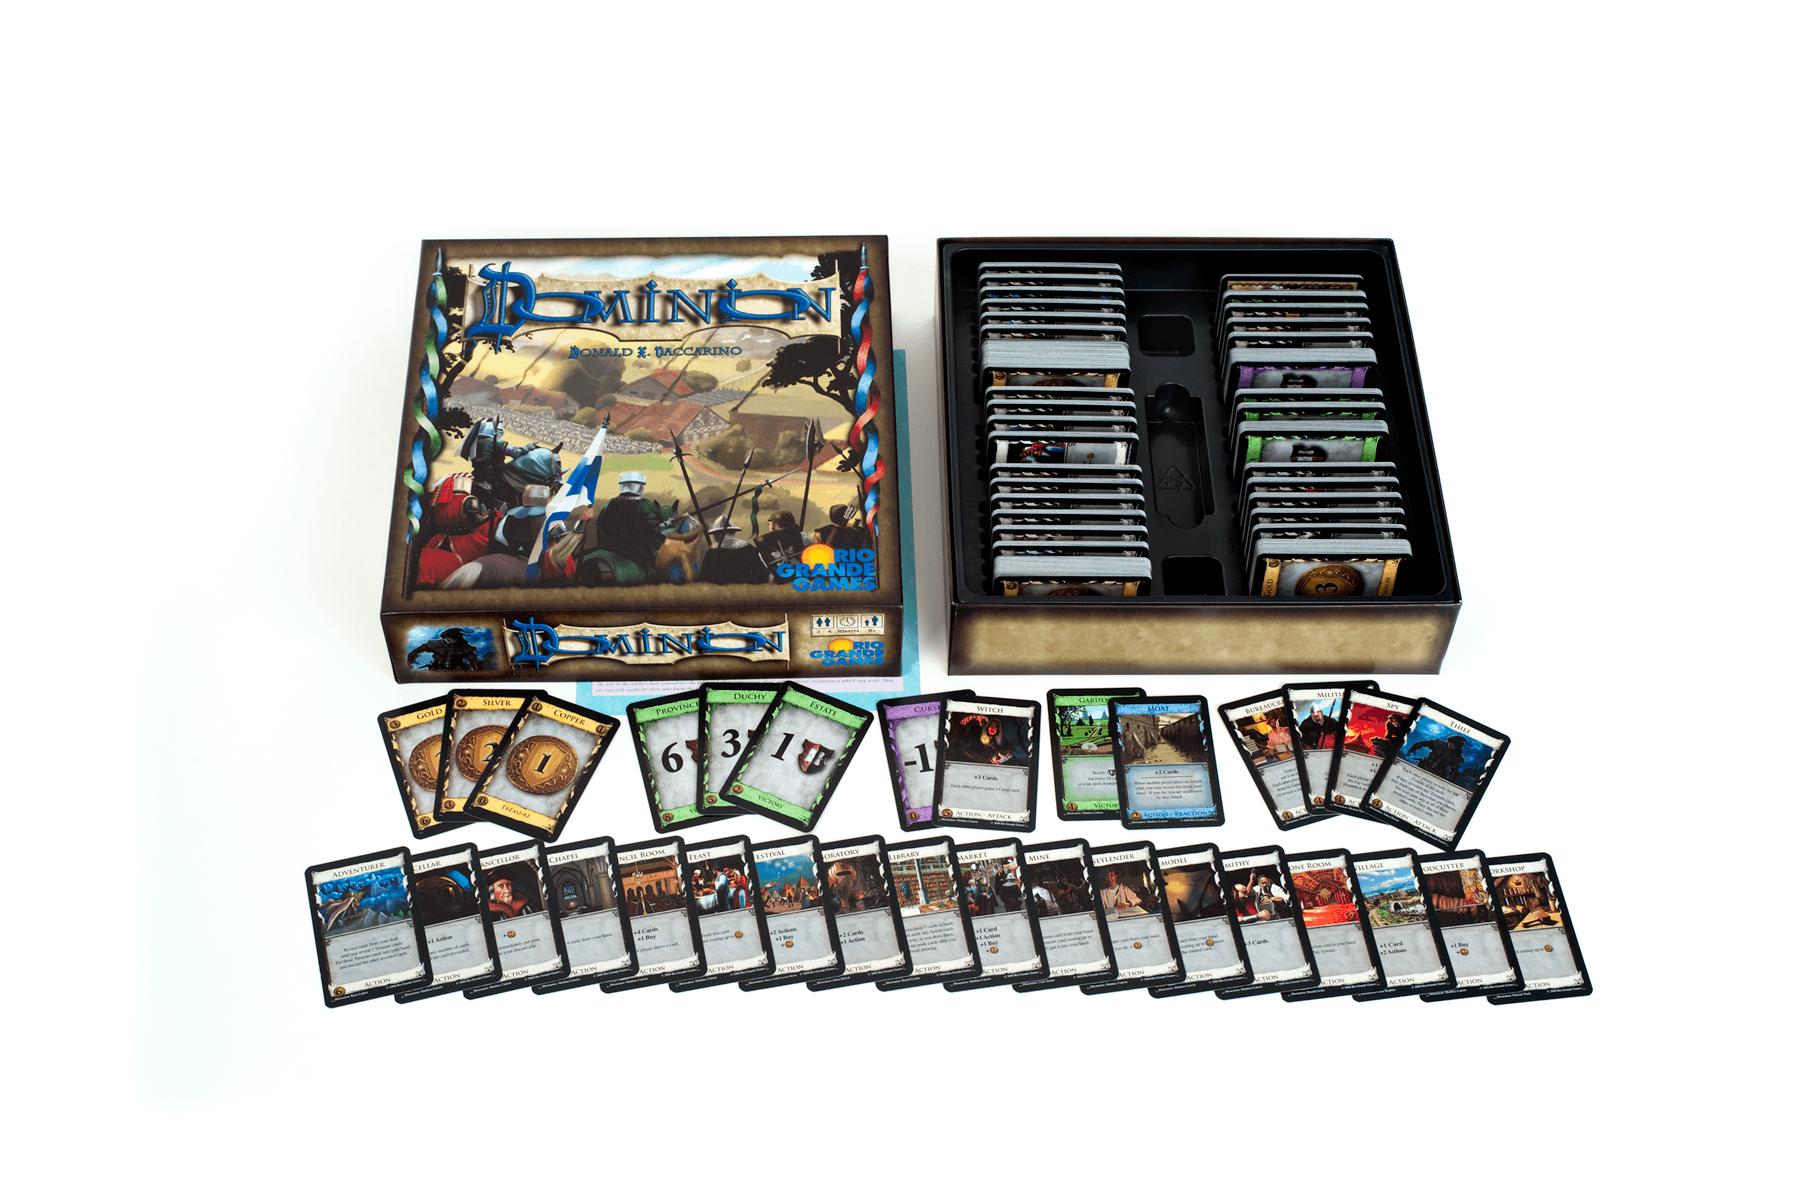 Spielschachtel mit Karten- Dominion: Basisspiel